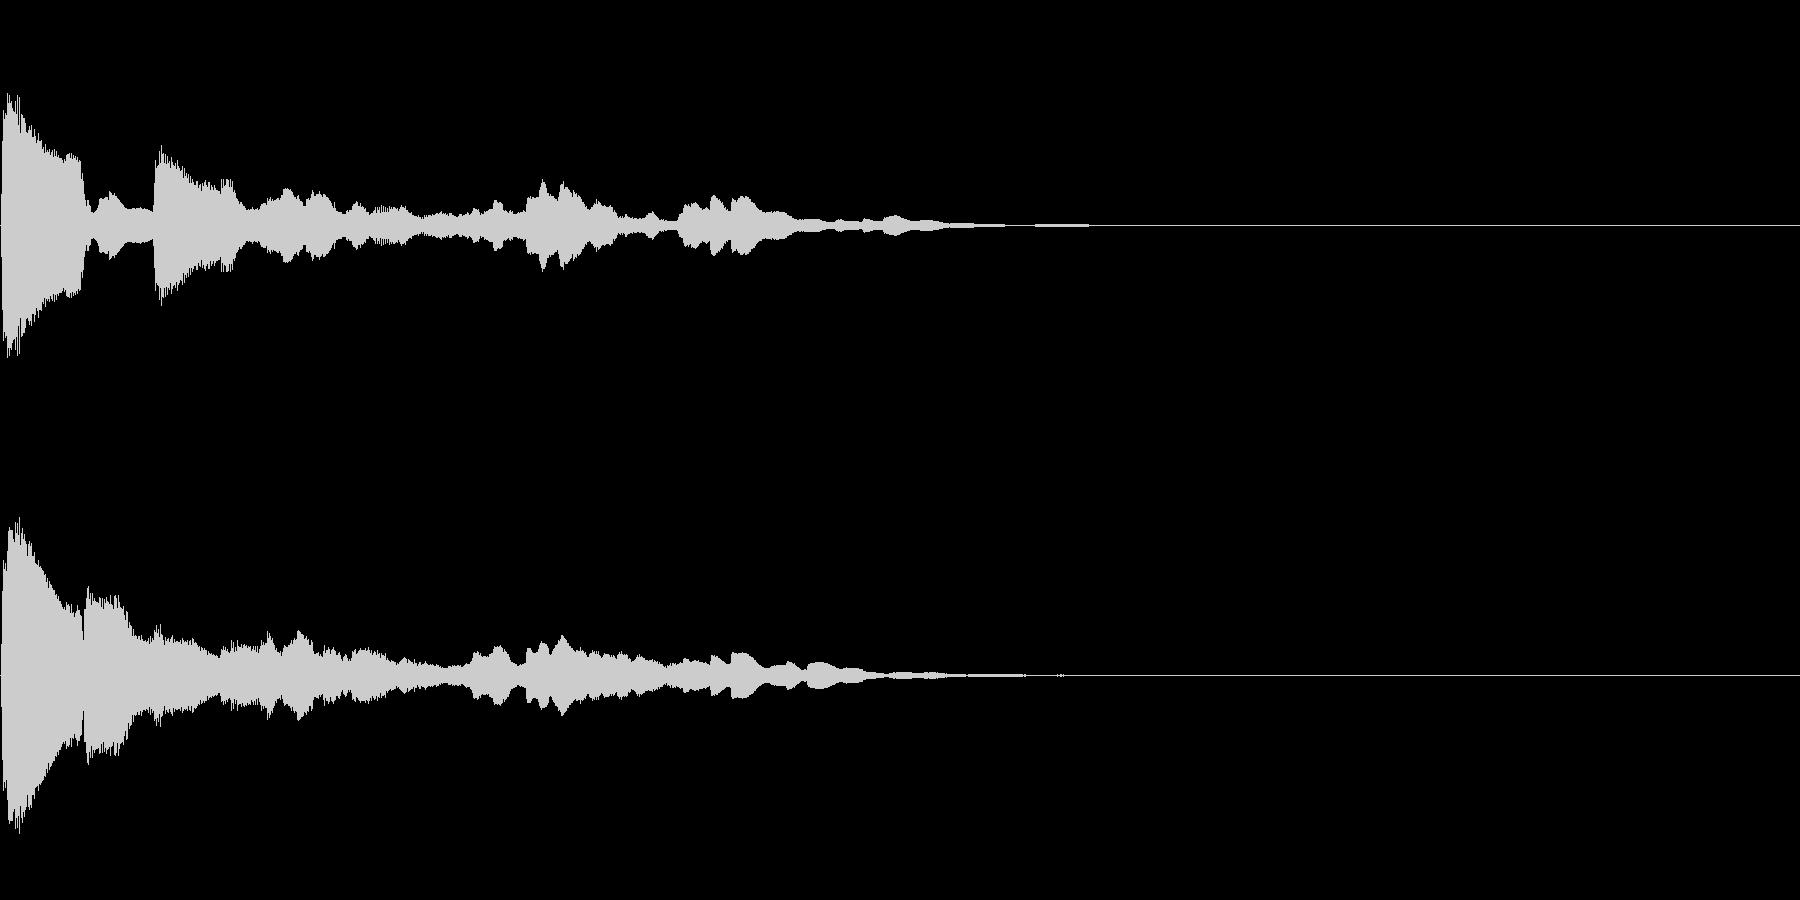 効果音 テロップ  クリック キラキラの未再生の波形